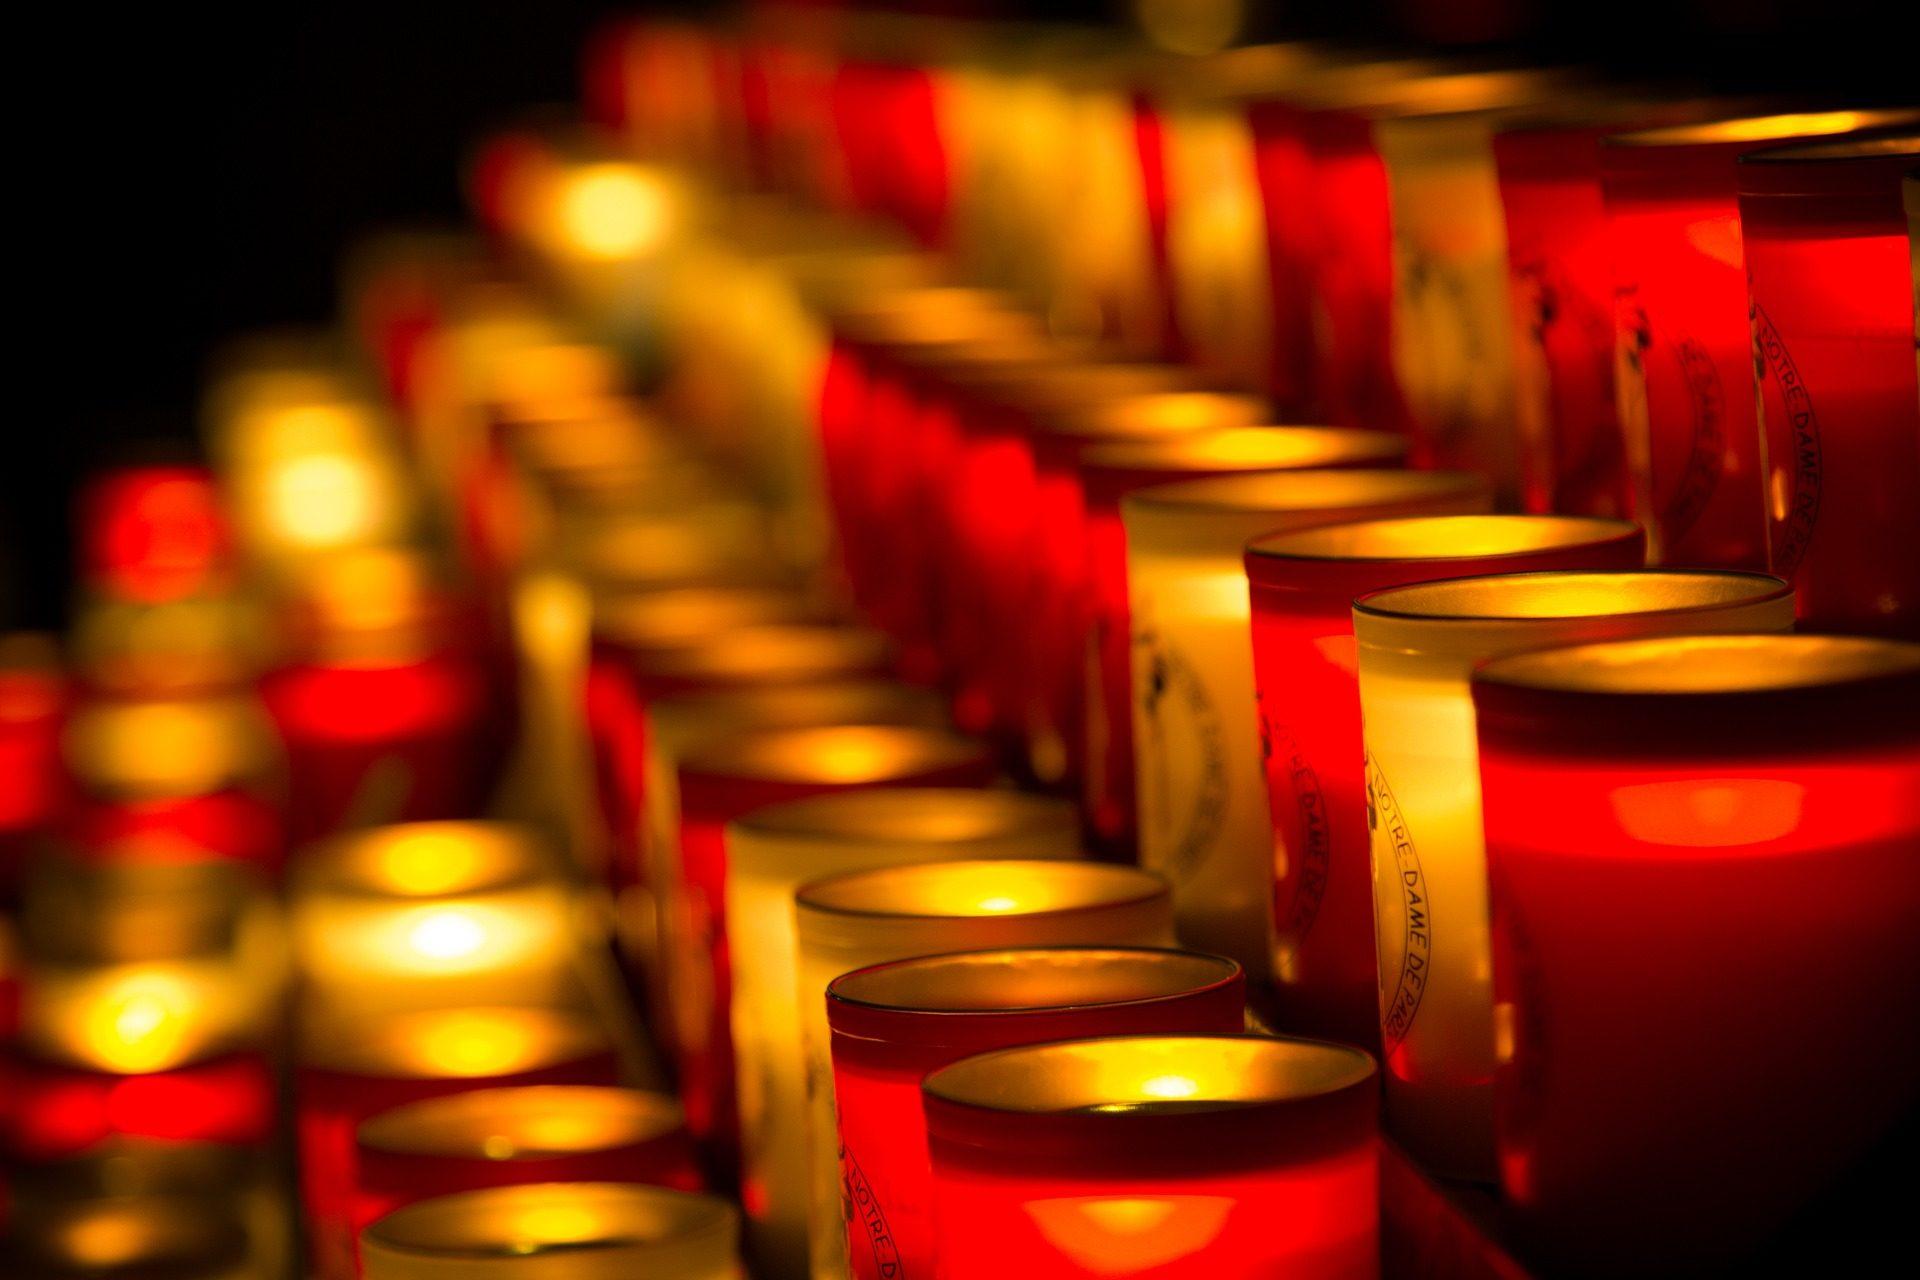 velas, luzes, promessas, solicitações de, Nossa Senhora, Paris - Papéis de parede HD - Professor-falken.com